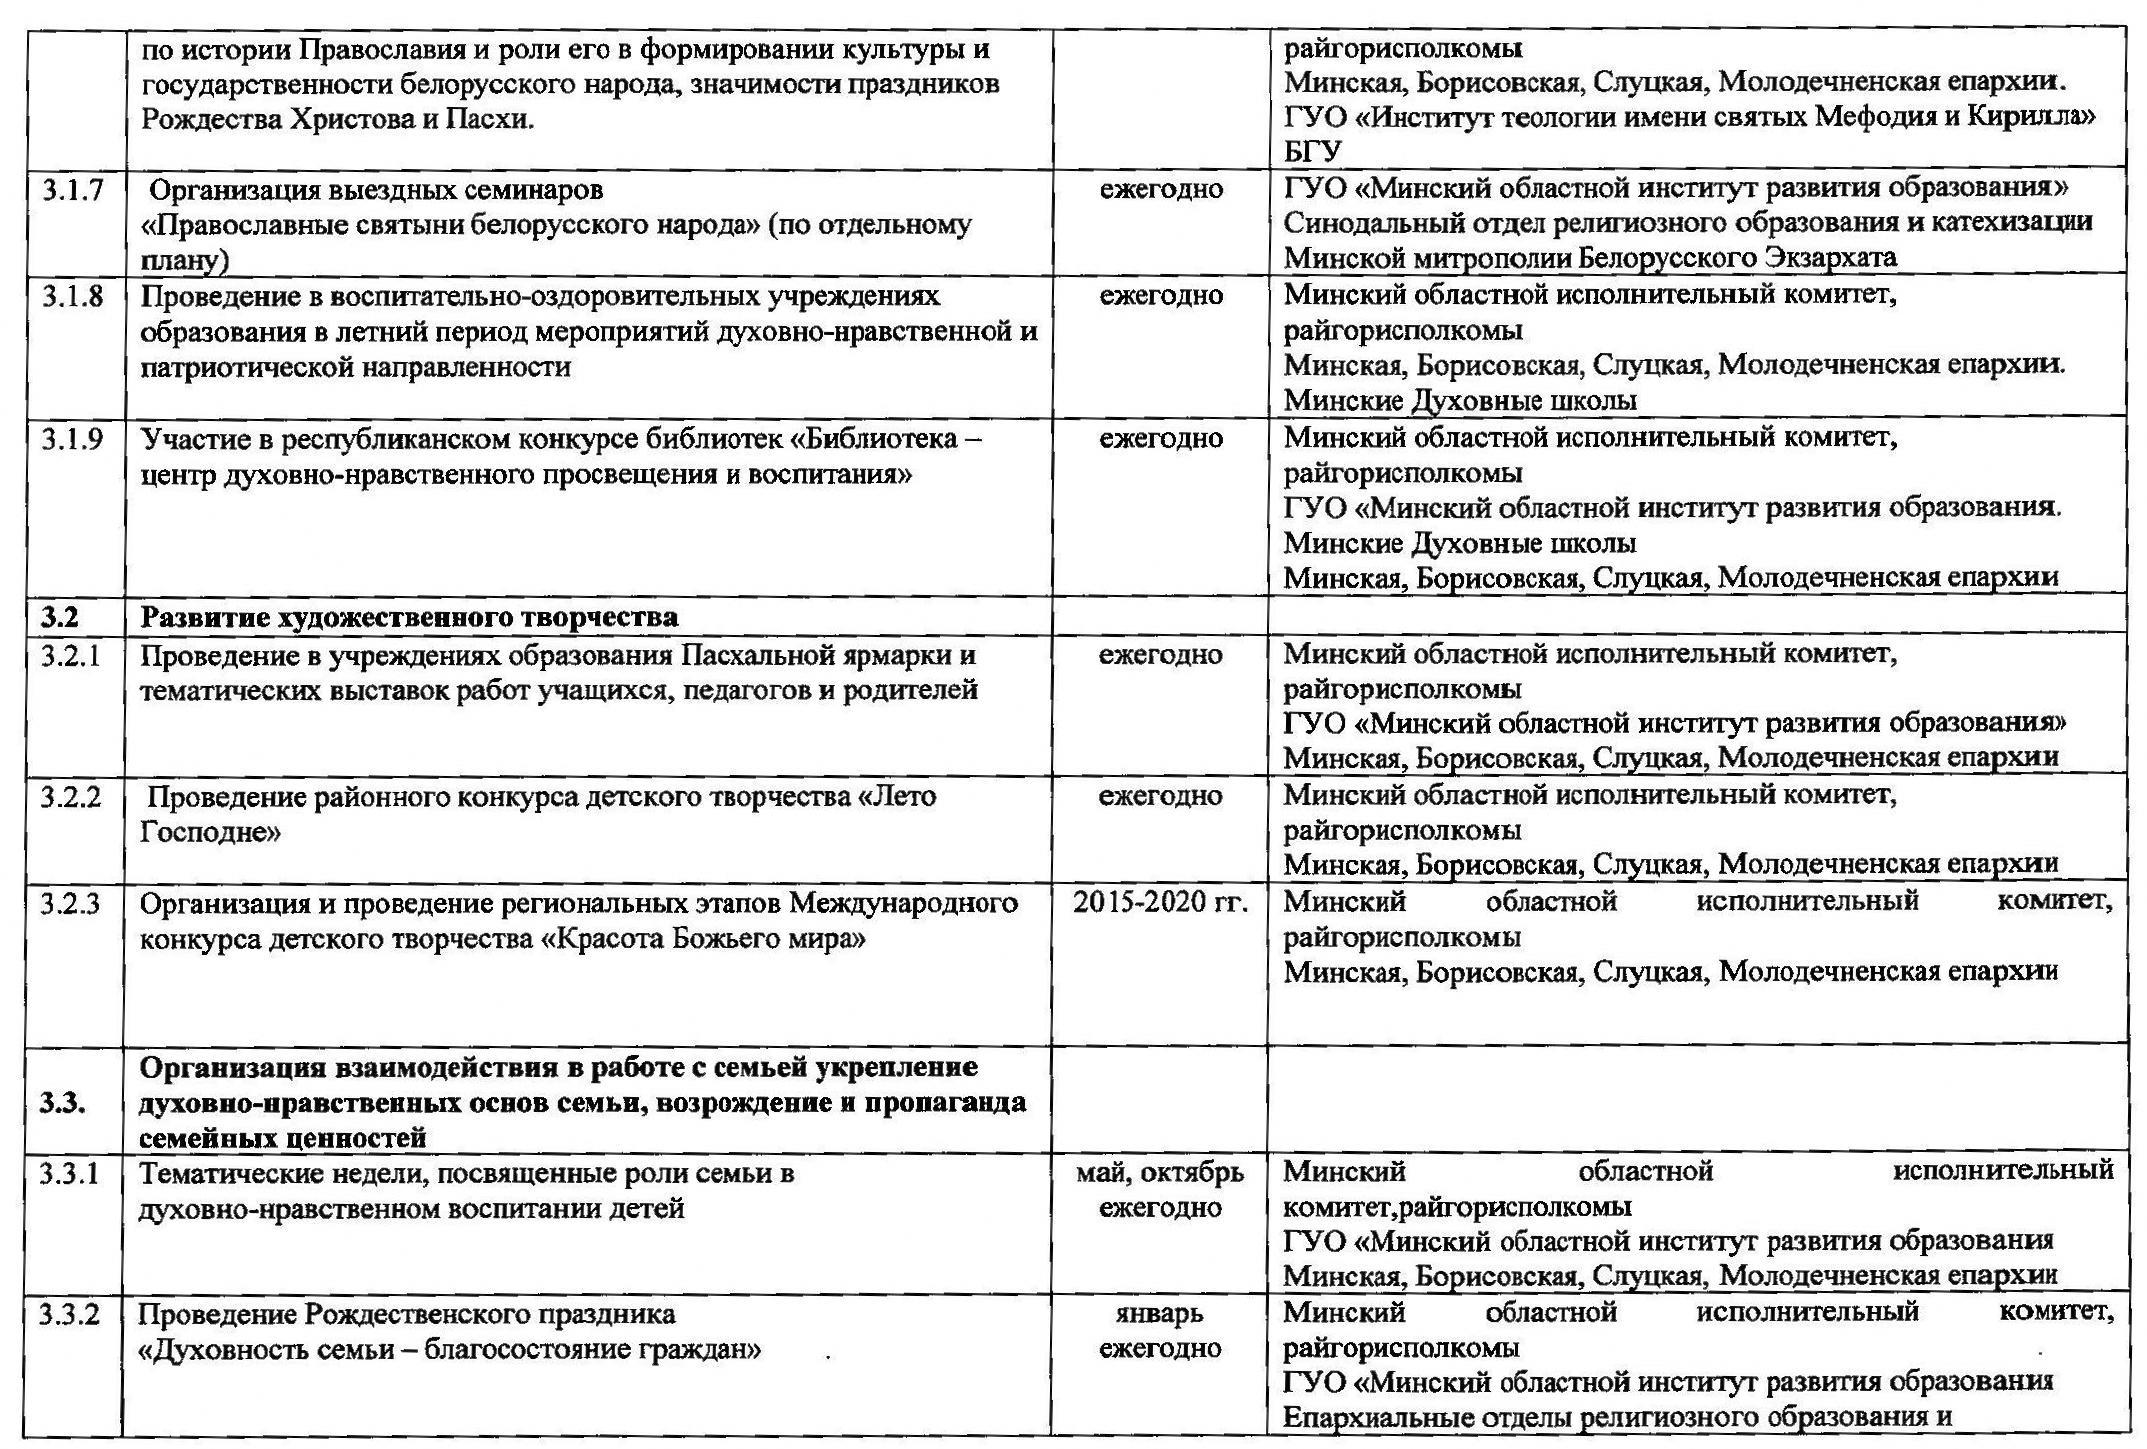 Программа сотрудничества Миноблисполкома и Минской митрополии в сфере образования (содержание)_Страница_3